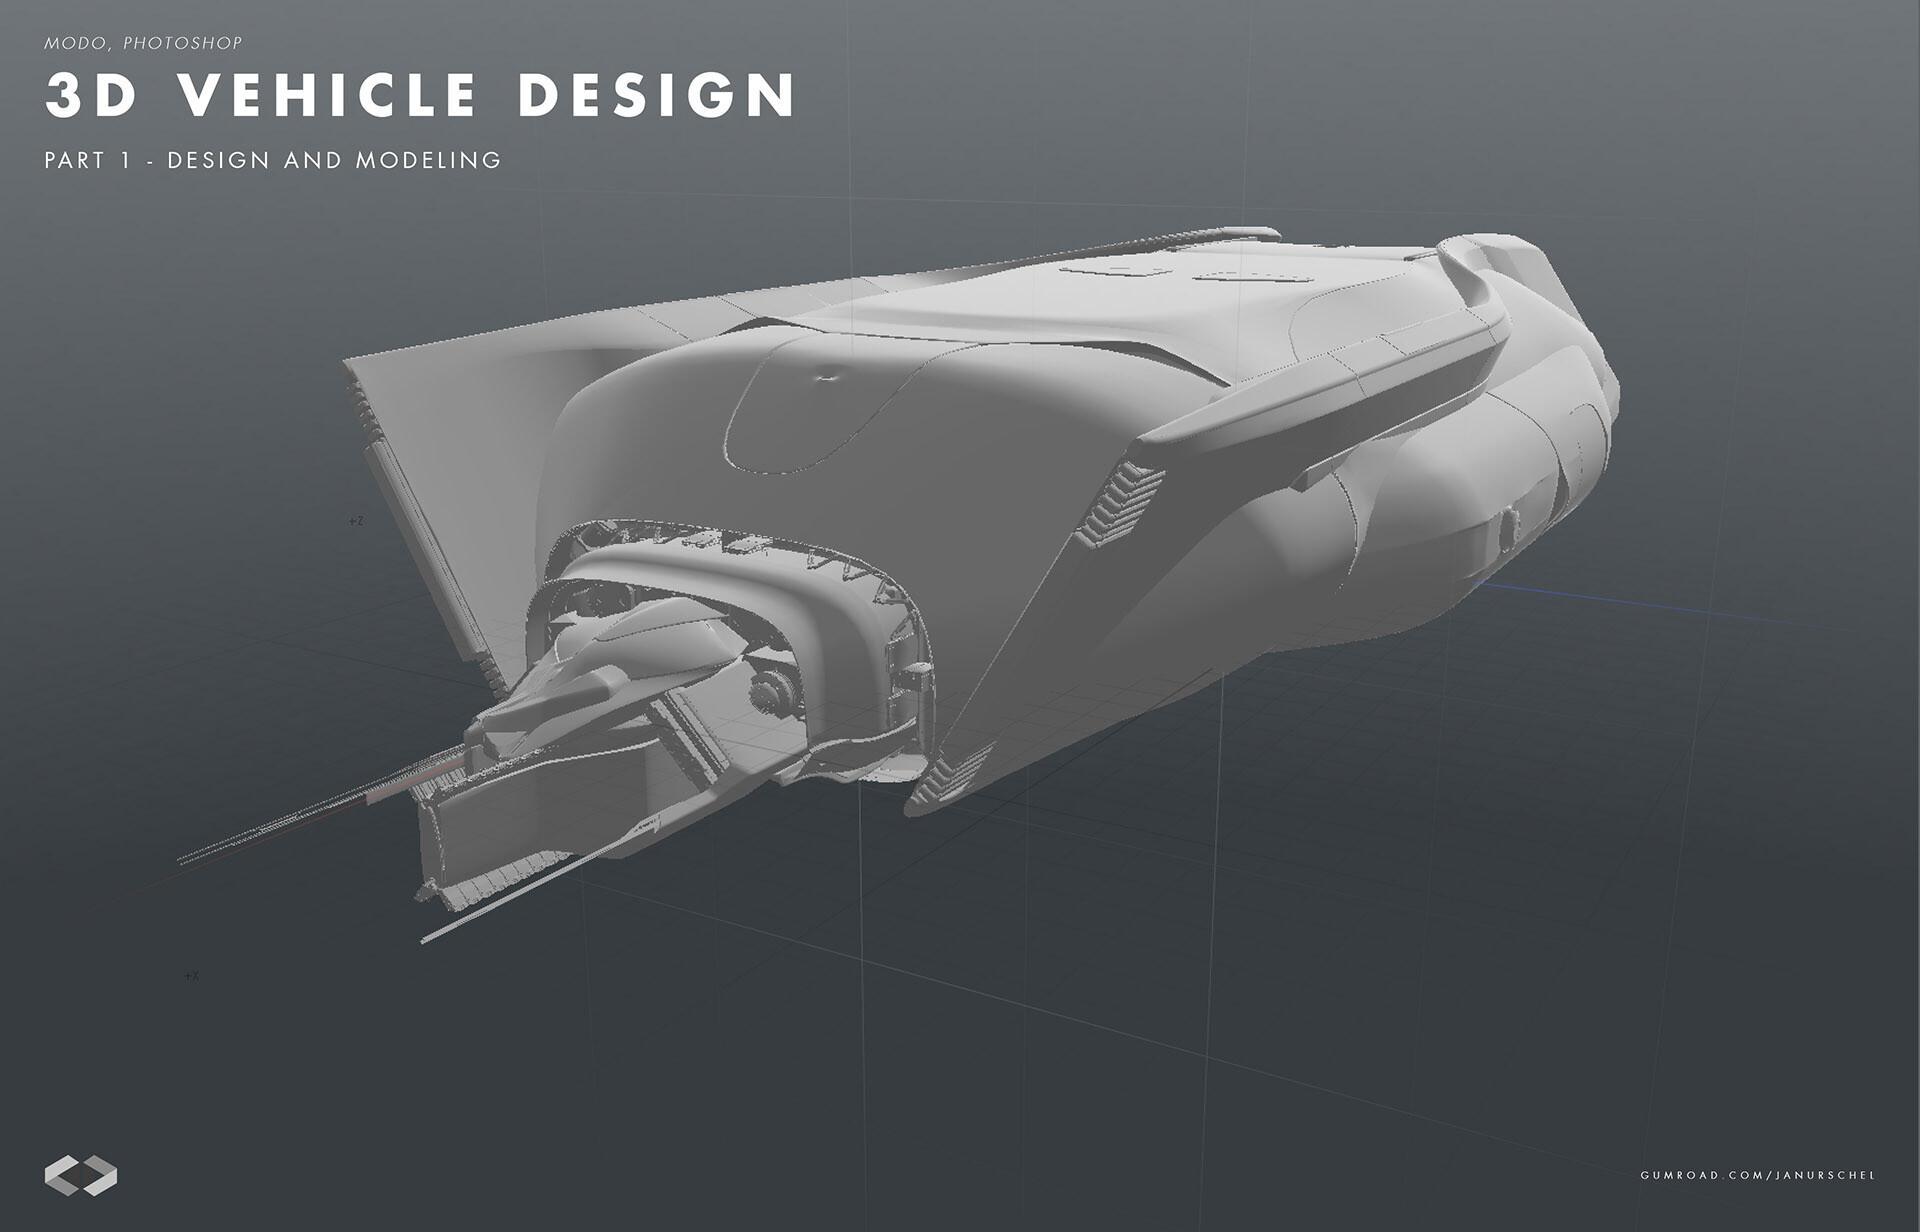 ArtStation - 3D Vehicle Design - Part 1, Jan Urschel